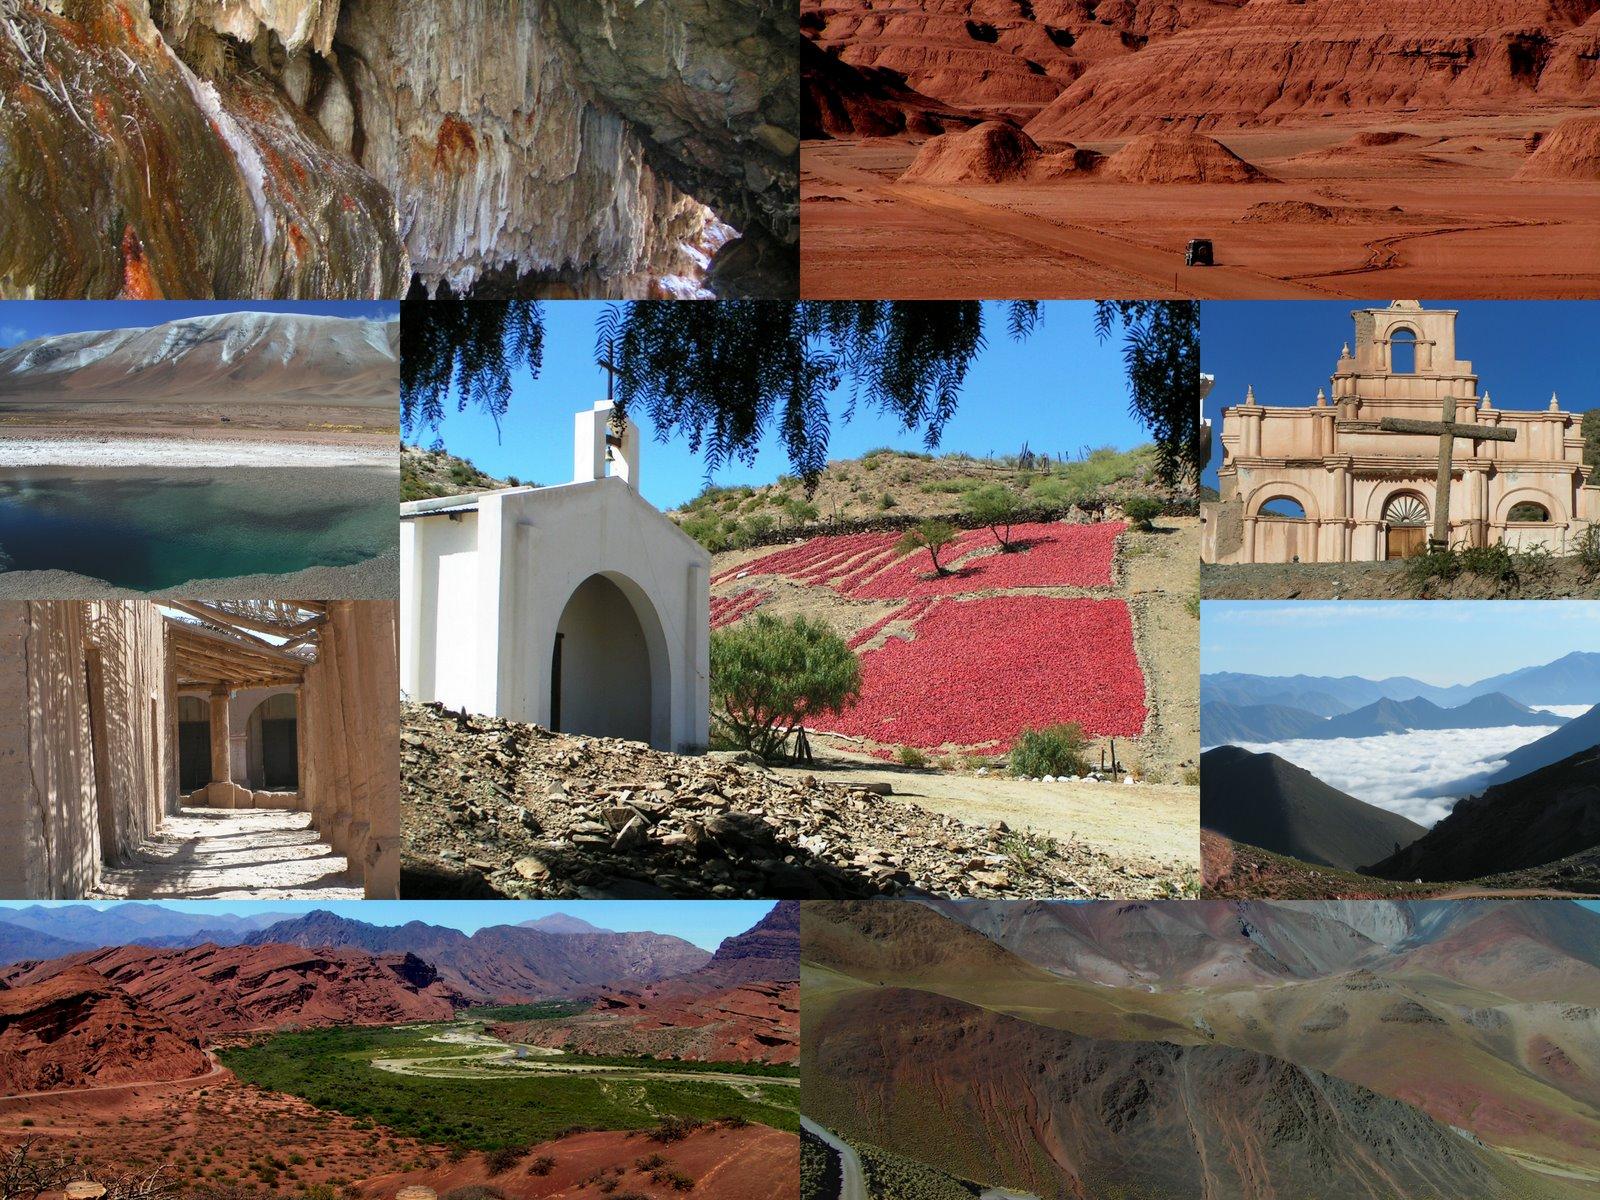 Dejando huellas collage fotos concurso canal 9 salta for Grabado de cristales zona sur